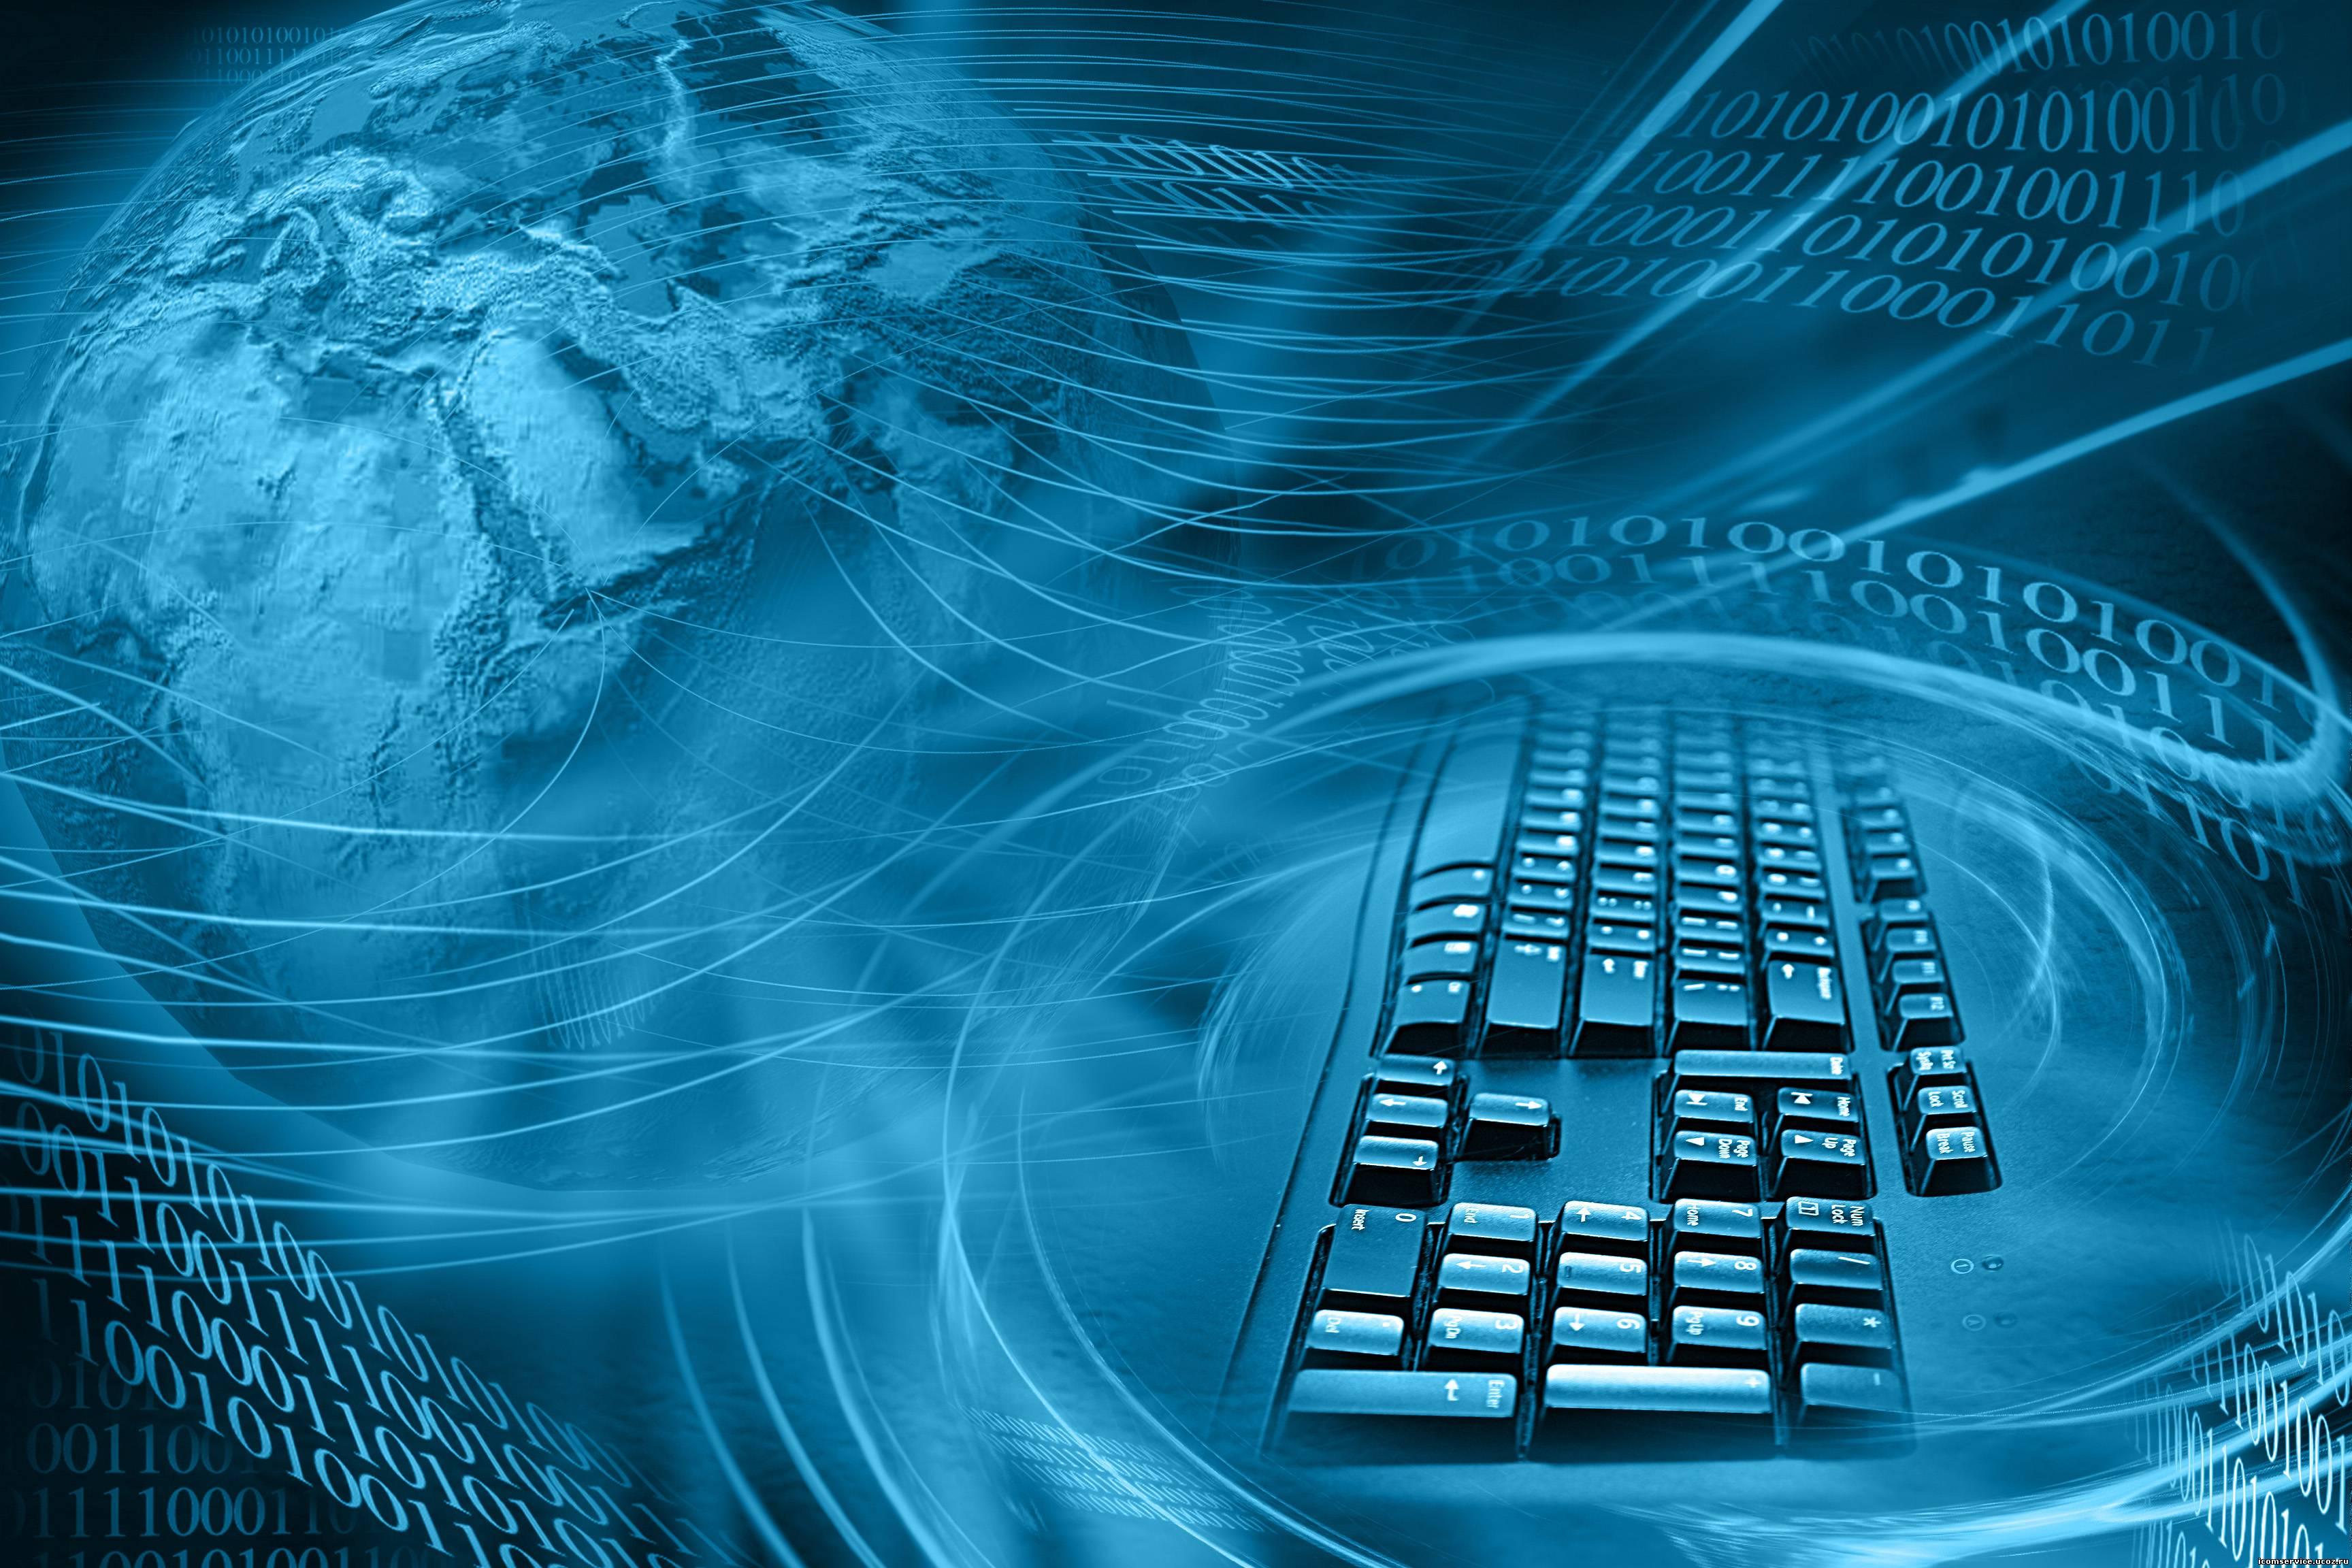 15 важных передовых технологий в период до 2020 года